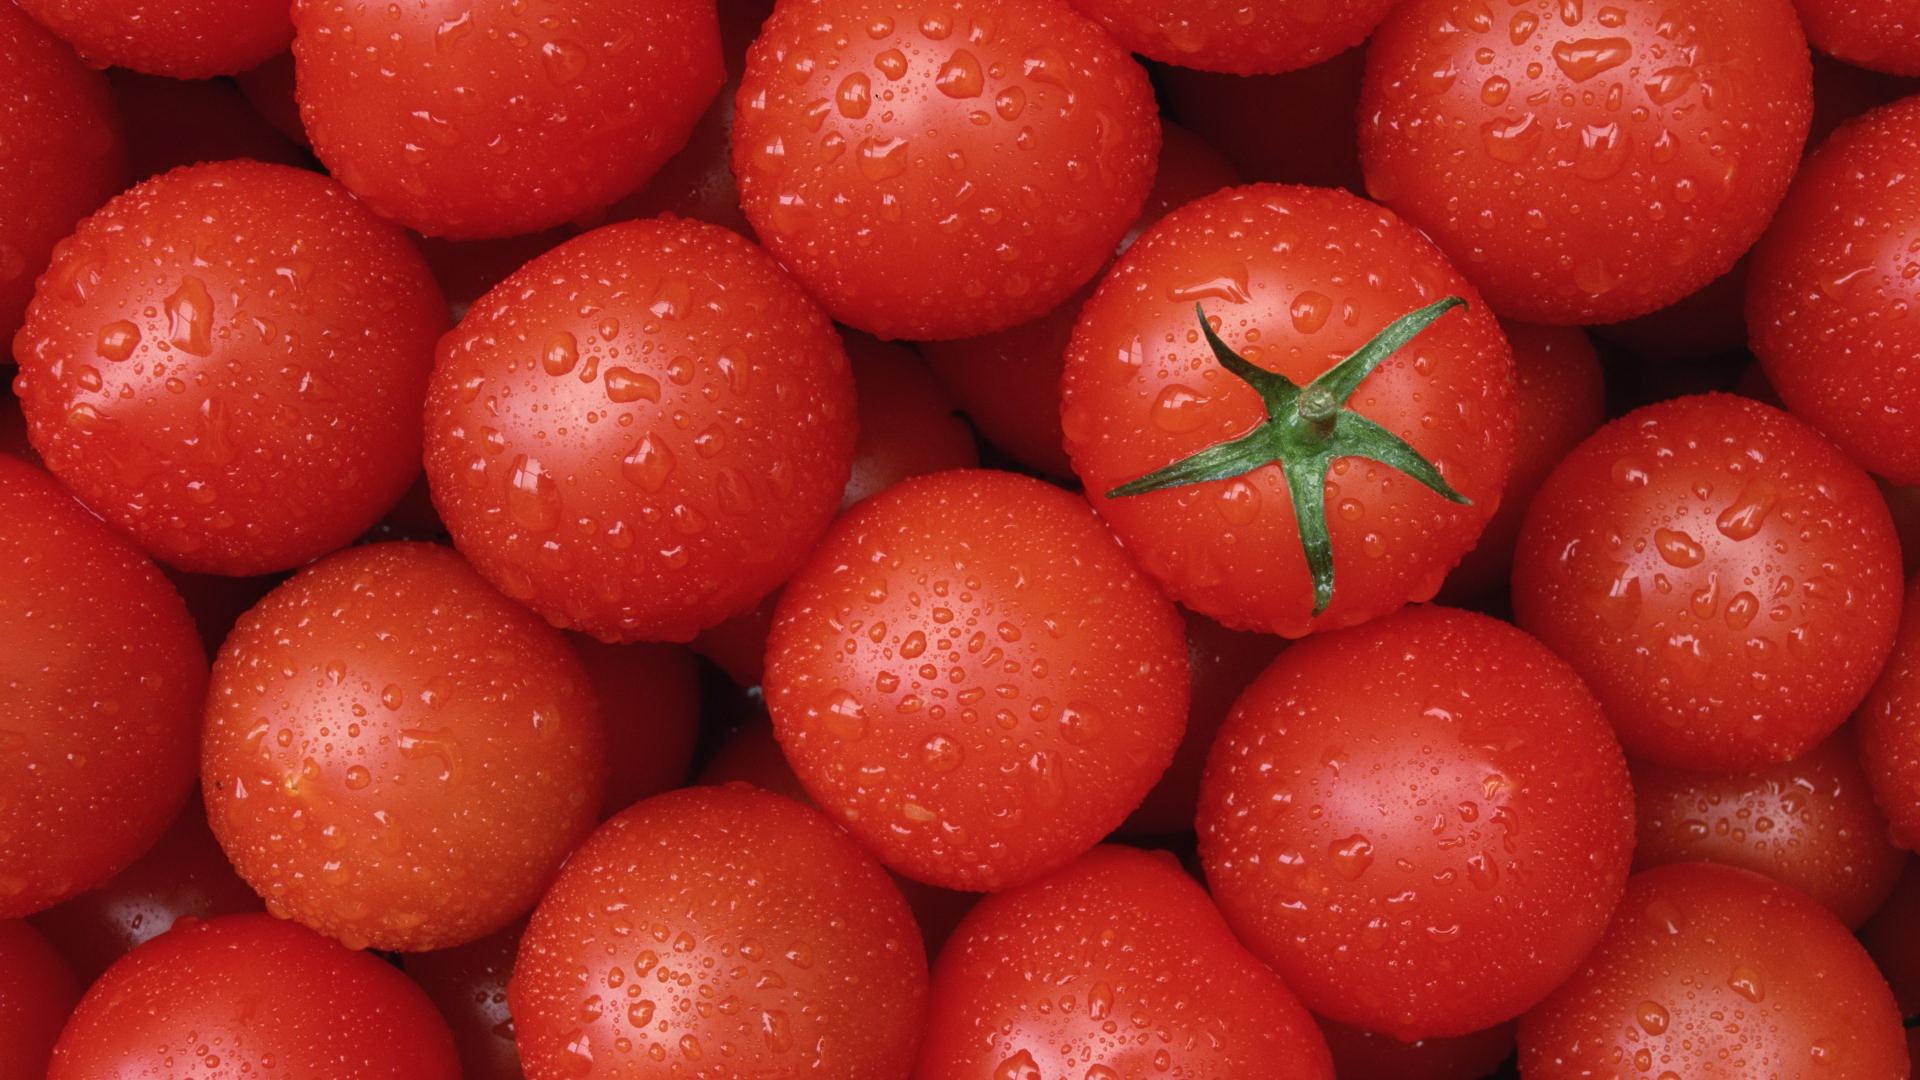 помидоры, фото, обои, для рабочего стола